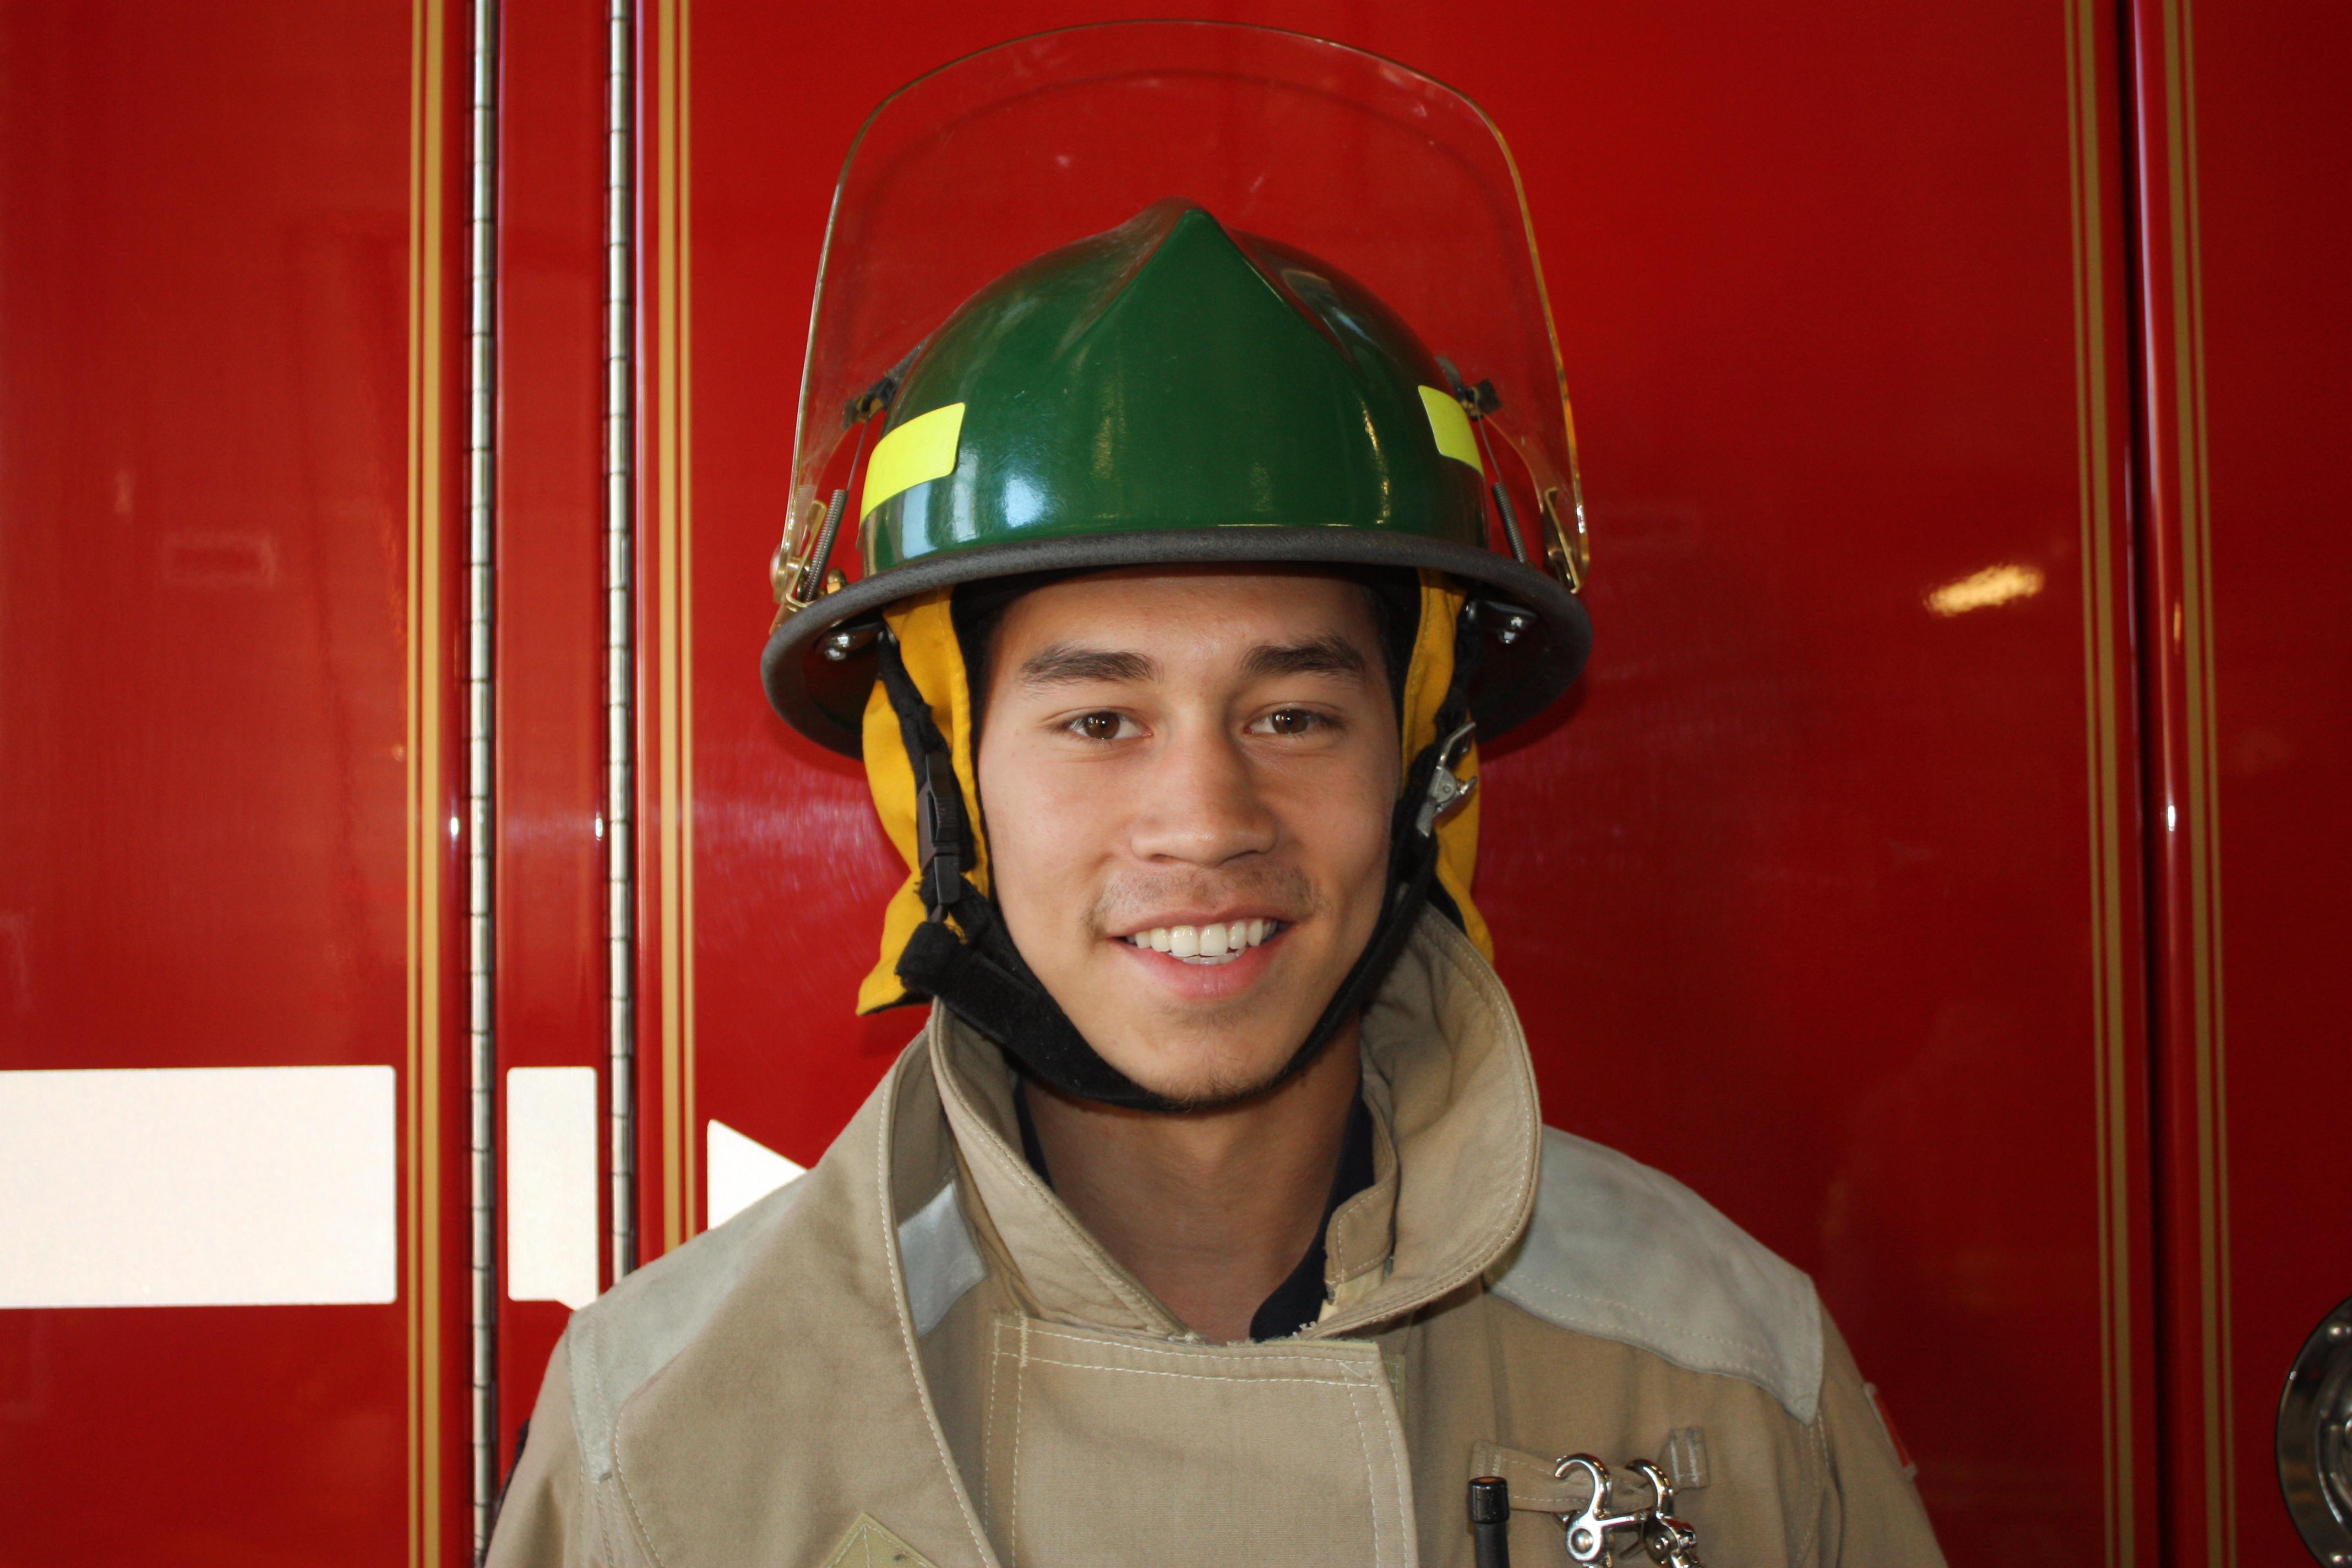 Firefighter #3